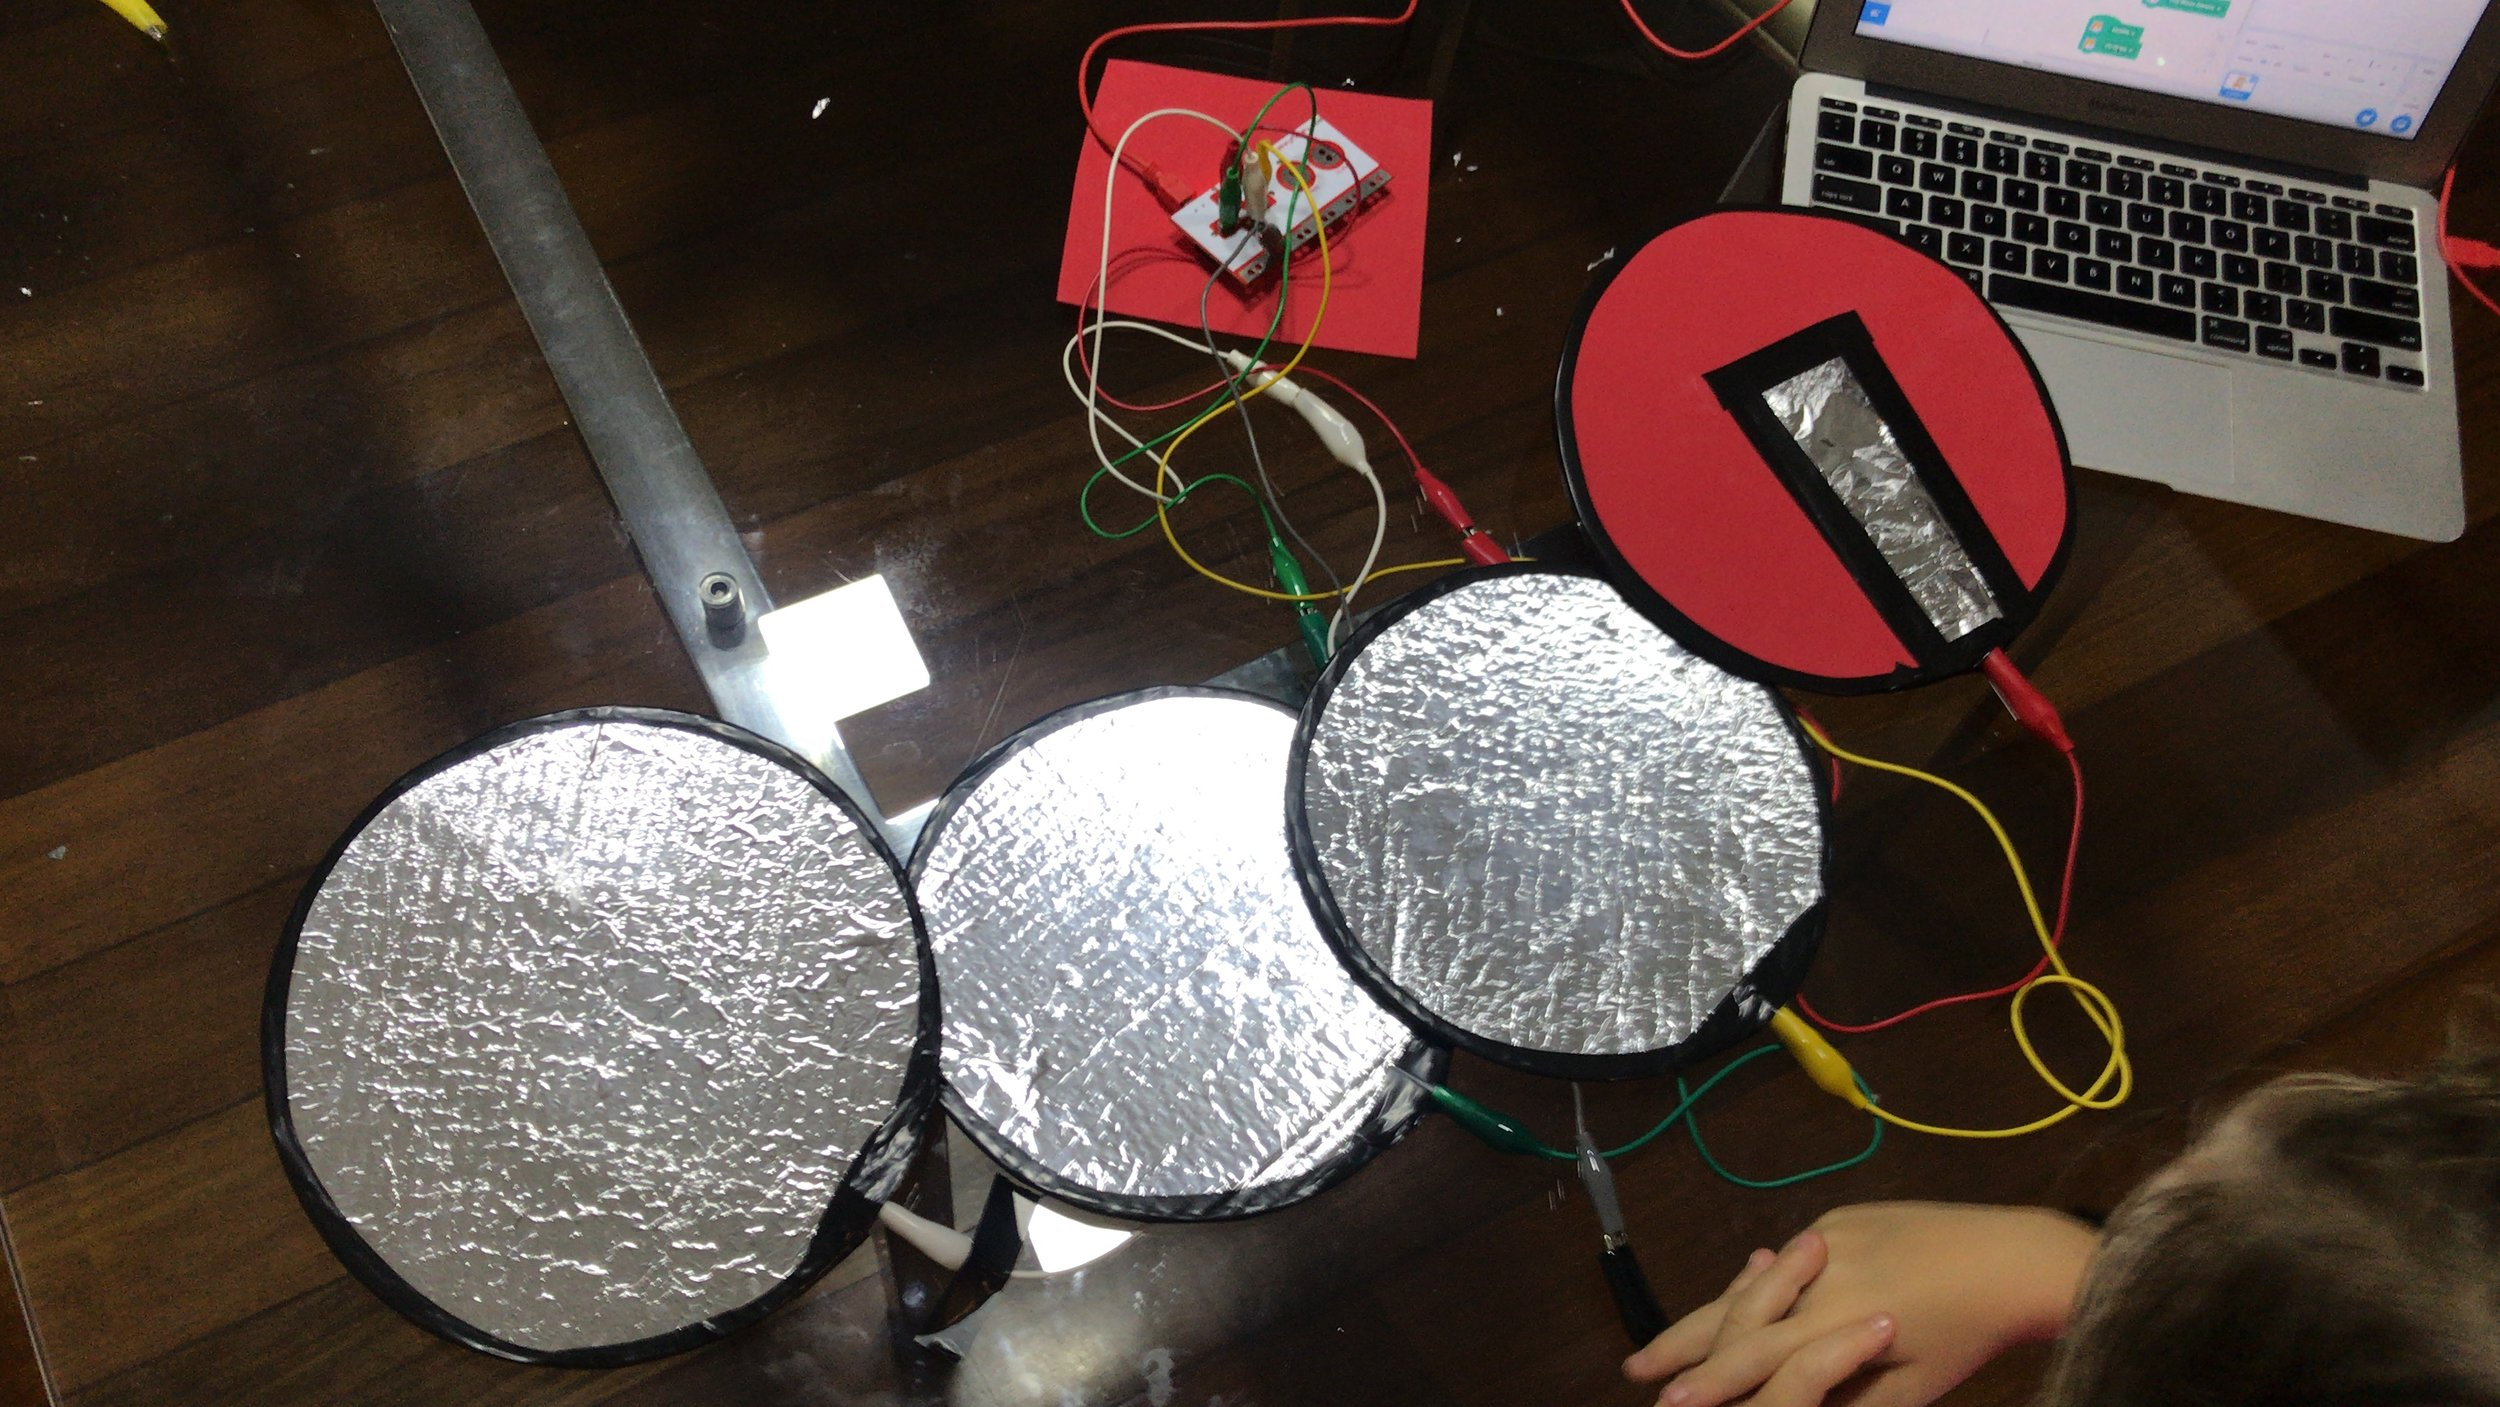 MÚSICA NO MAKEY MAKEY: Bateria que funciona de verdade, feita a partir de papelão e papel alumíno. O aluno escolhe no computador os sons que a bateria irá tocar.